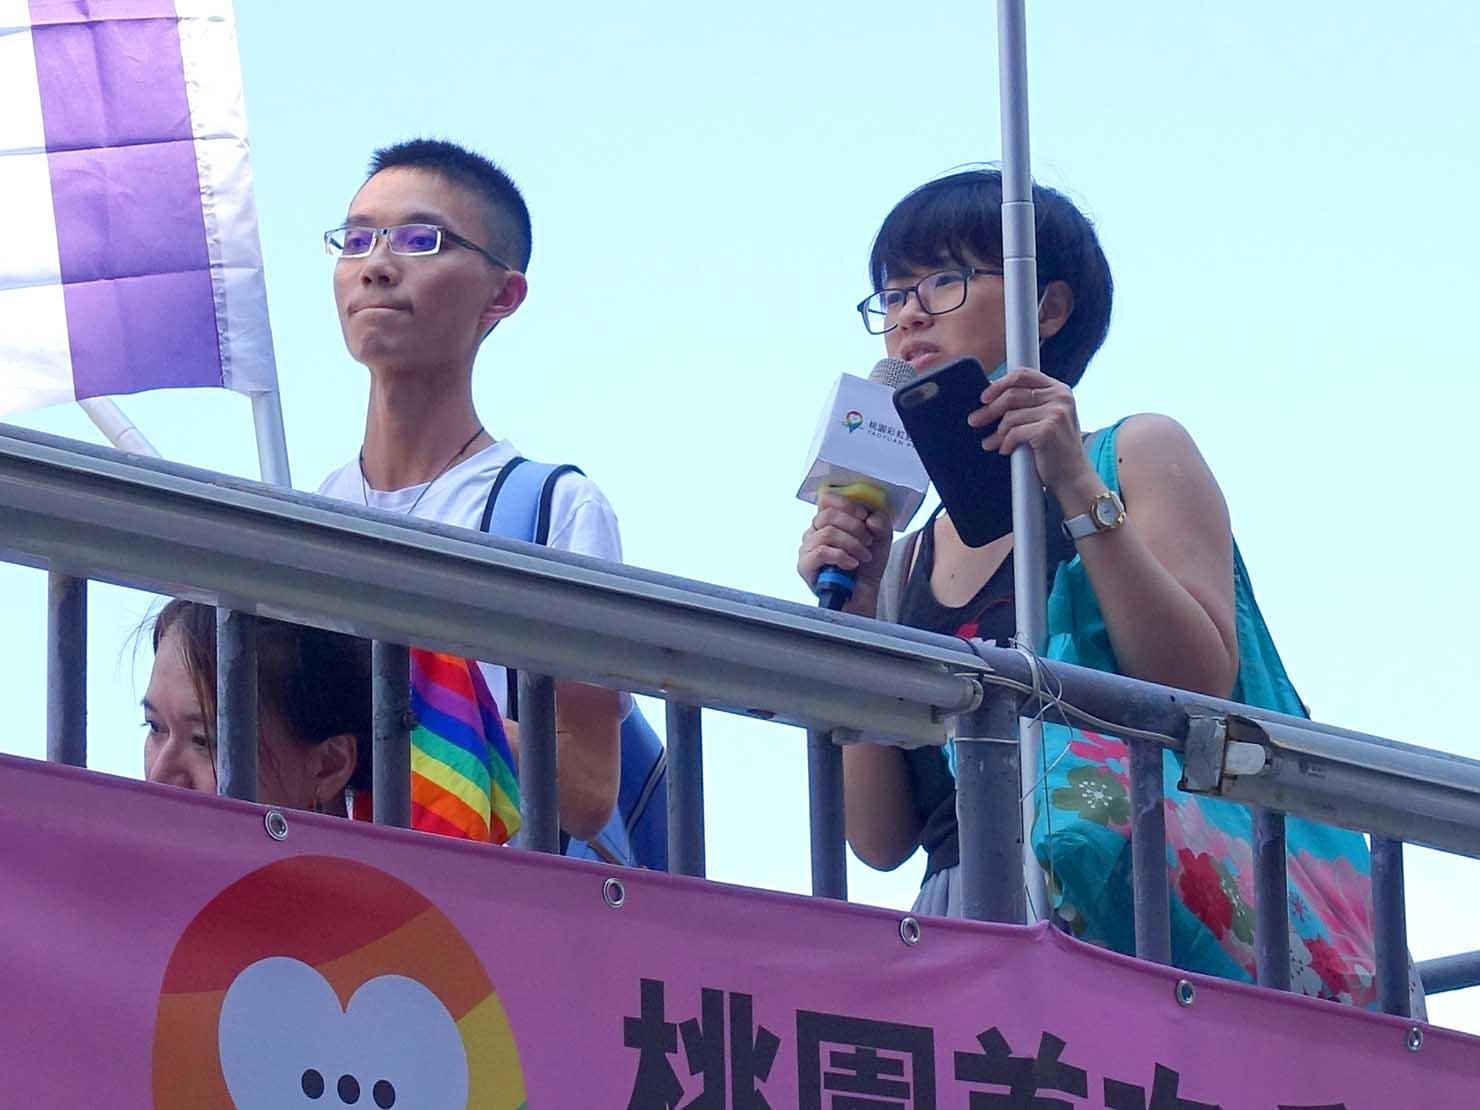 台湾・桃園のLGBTプライド「桃園彩虹野餐日」2020のパレード先導車からスピーチをするLGBT関連団体の代表者